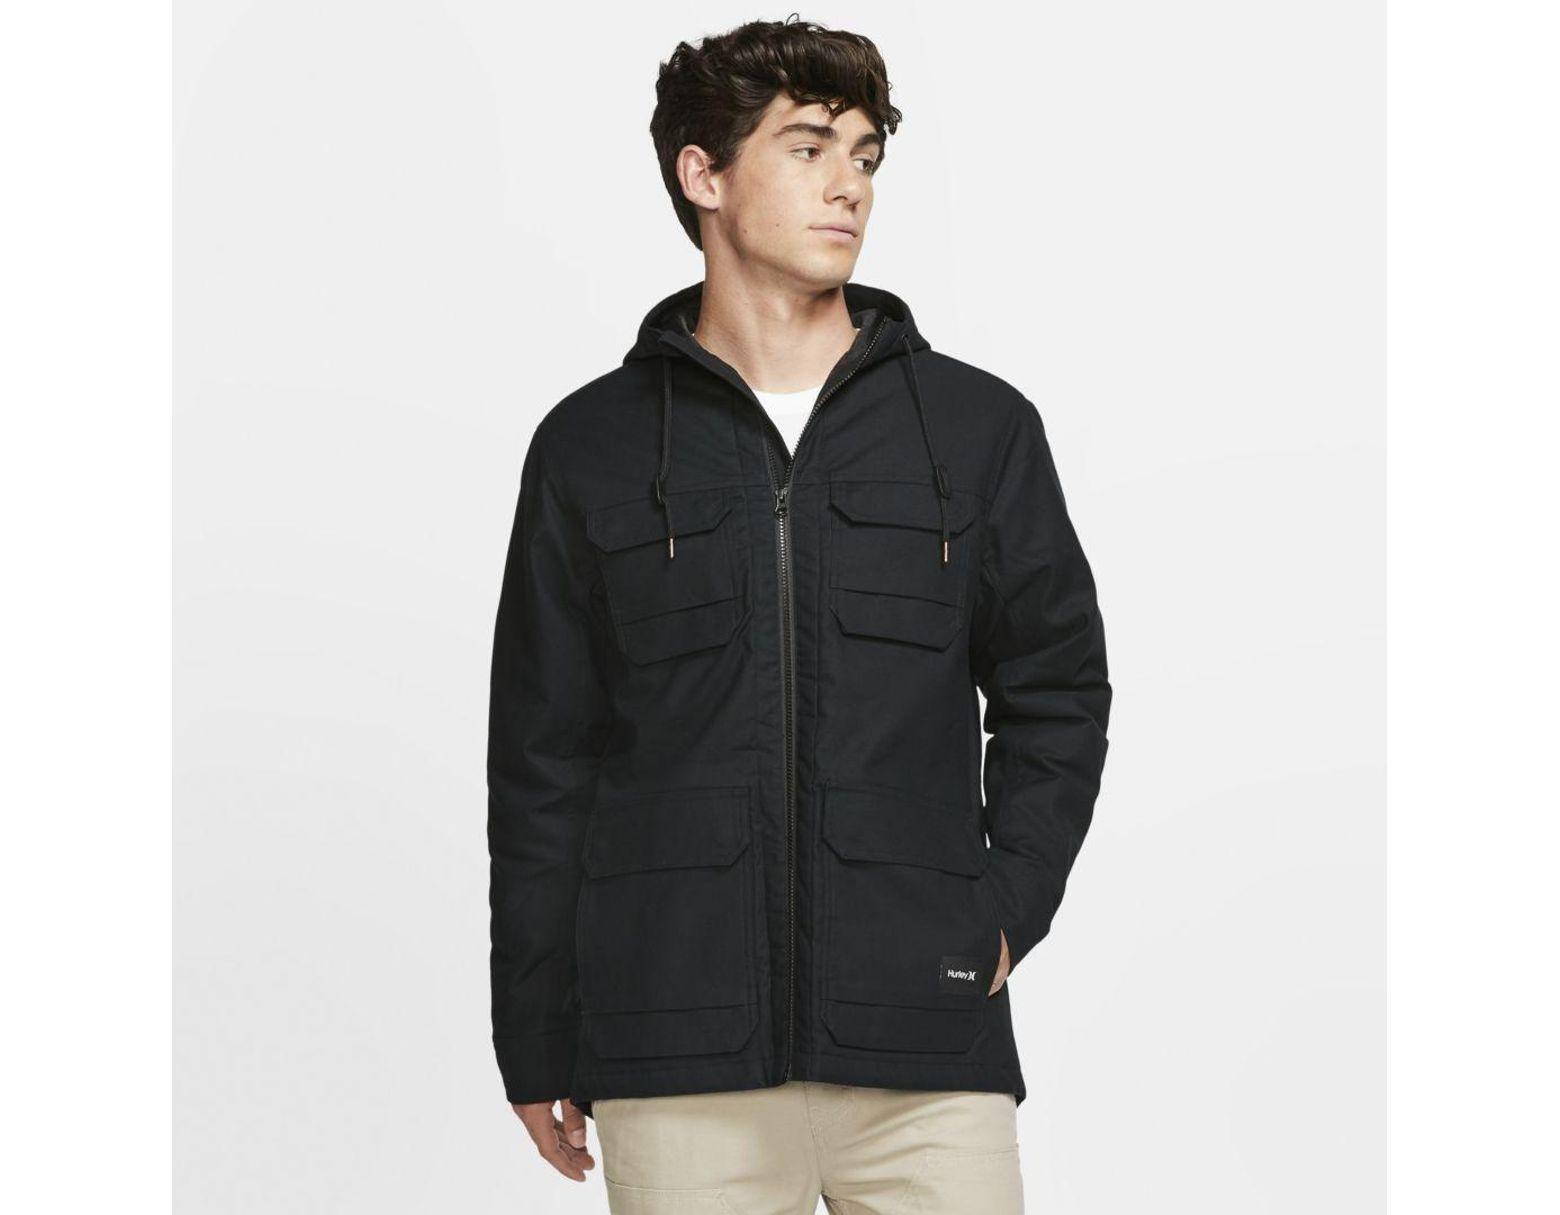 For Nike Black Hurley Jacket Men Lyst M65 In P8n0wOkX